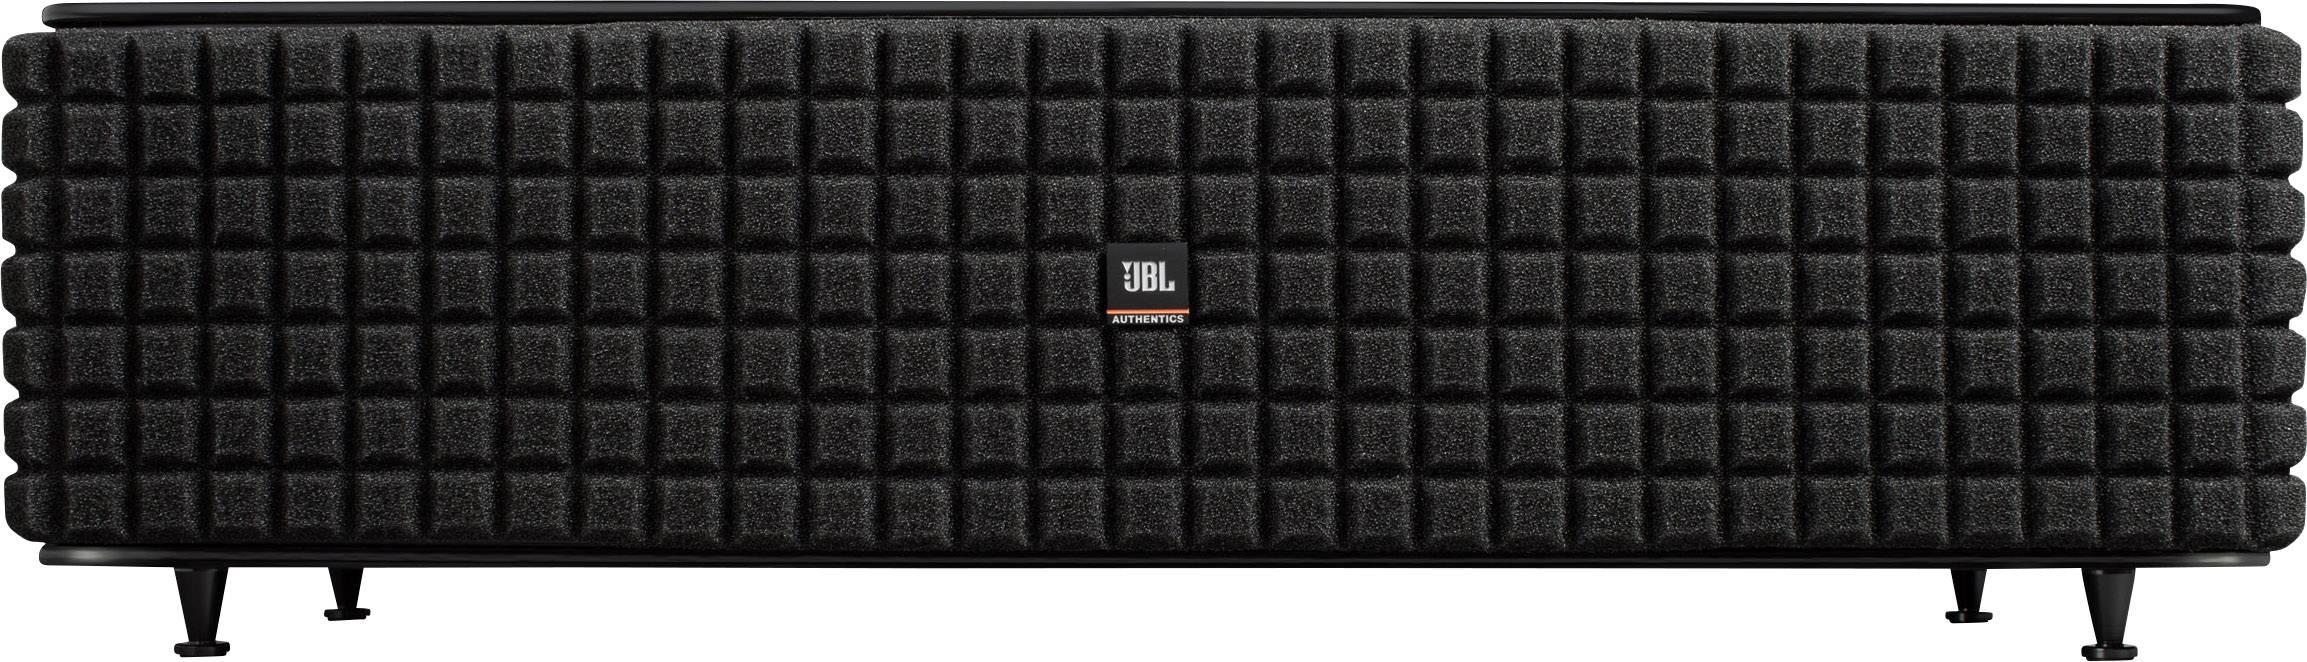 Bluetooth® reproduktor JBL Harman Authentics L8, 120 W RMS, Wi-Fi, NFC, čierna